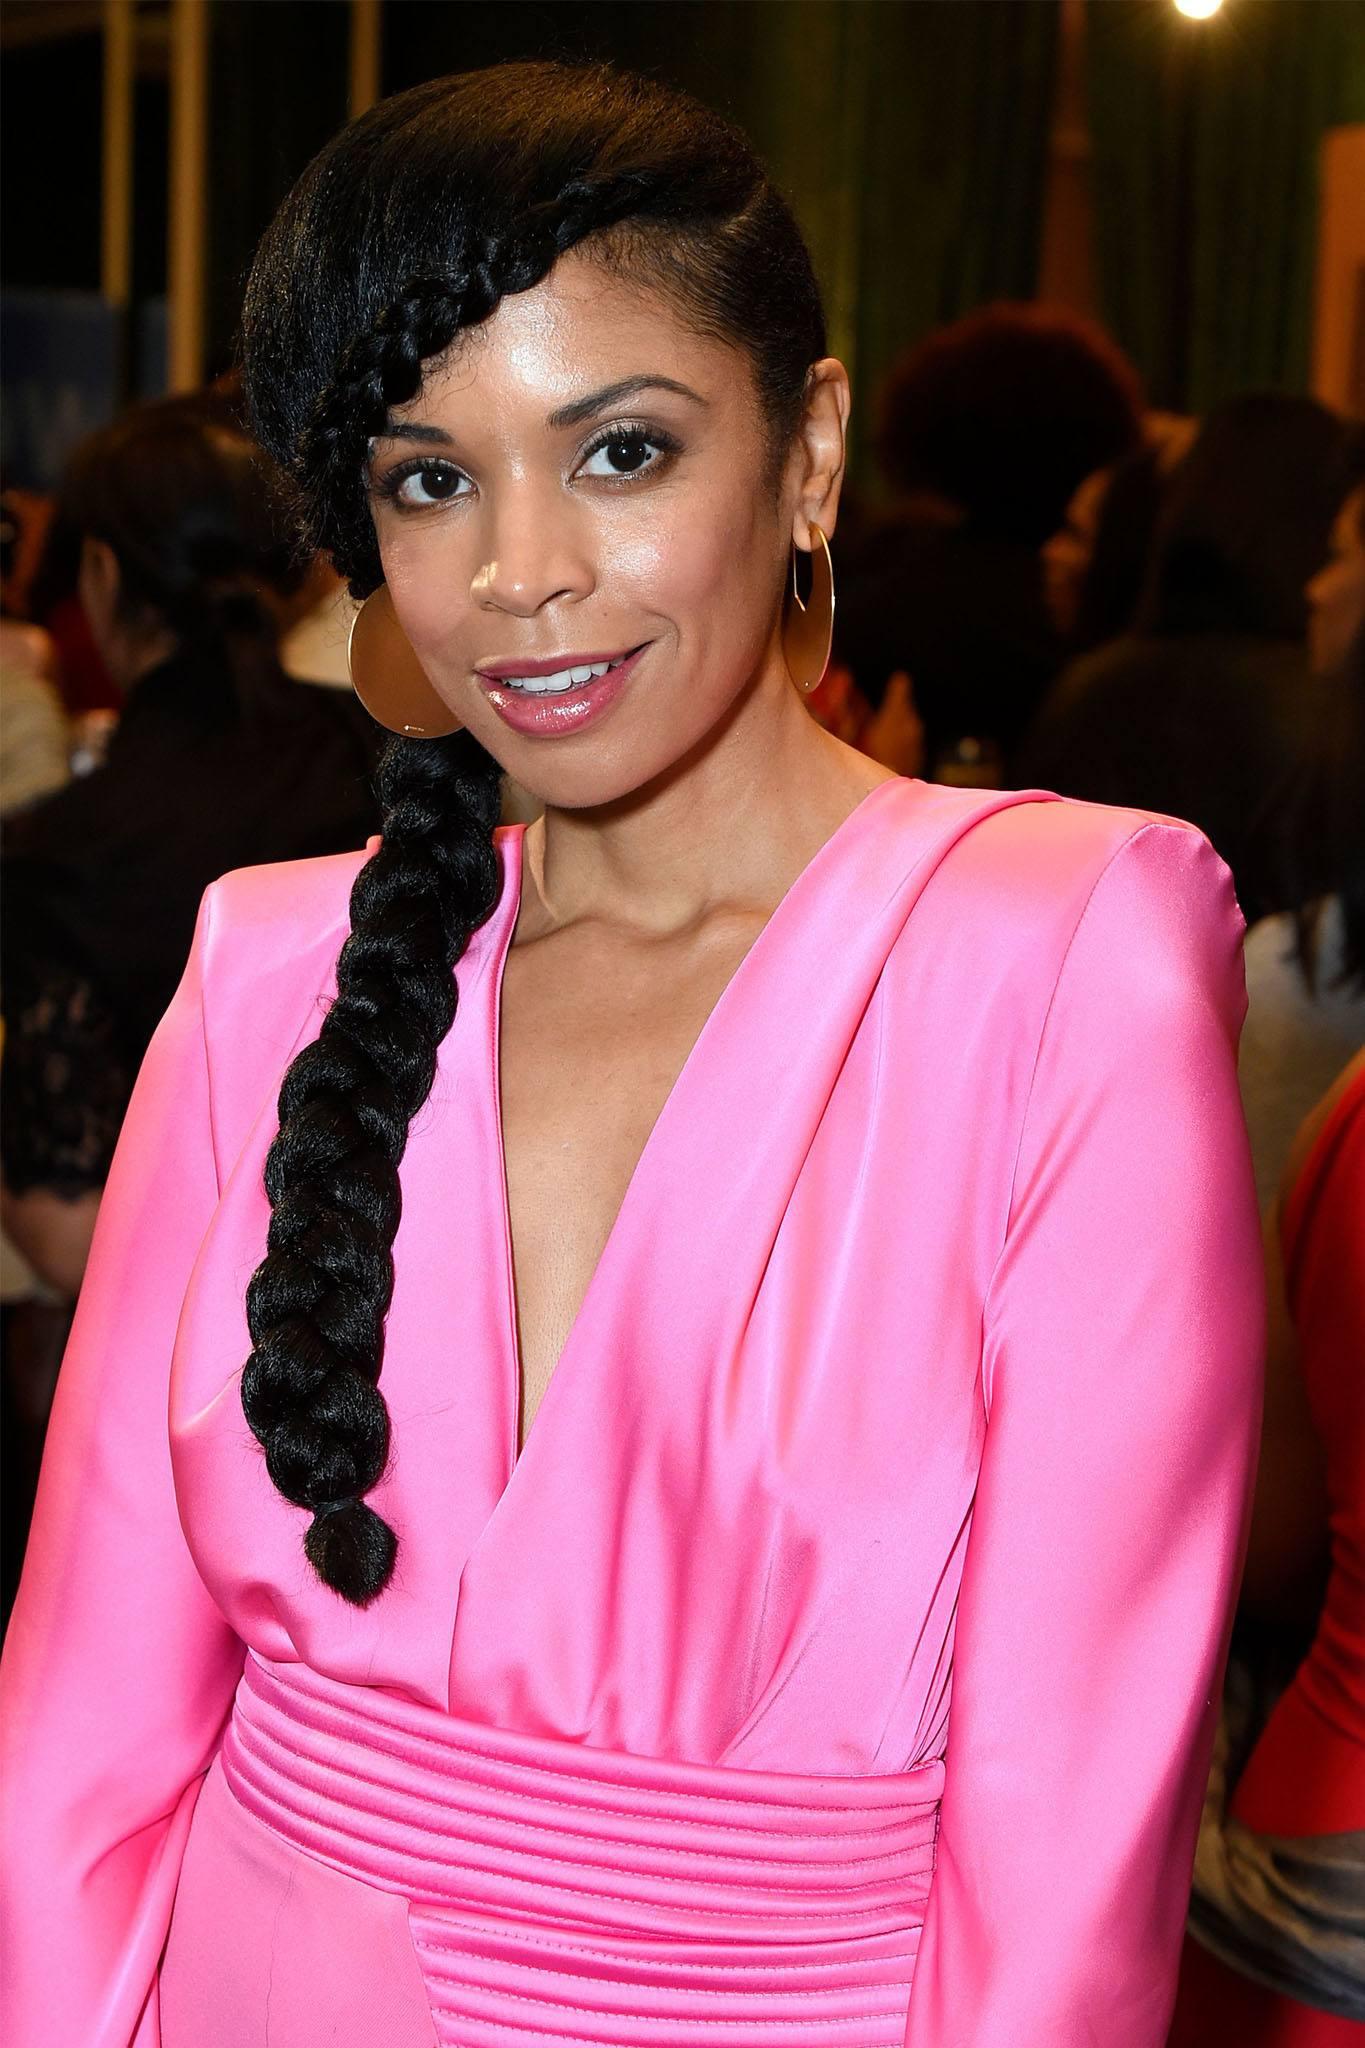 mujer con pelo afro y trenza de lado